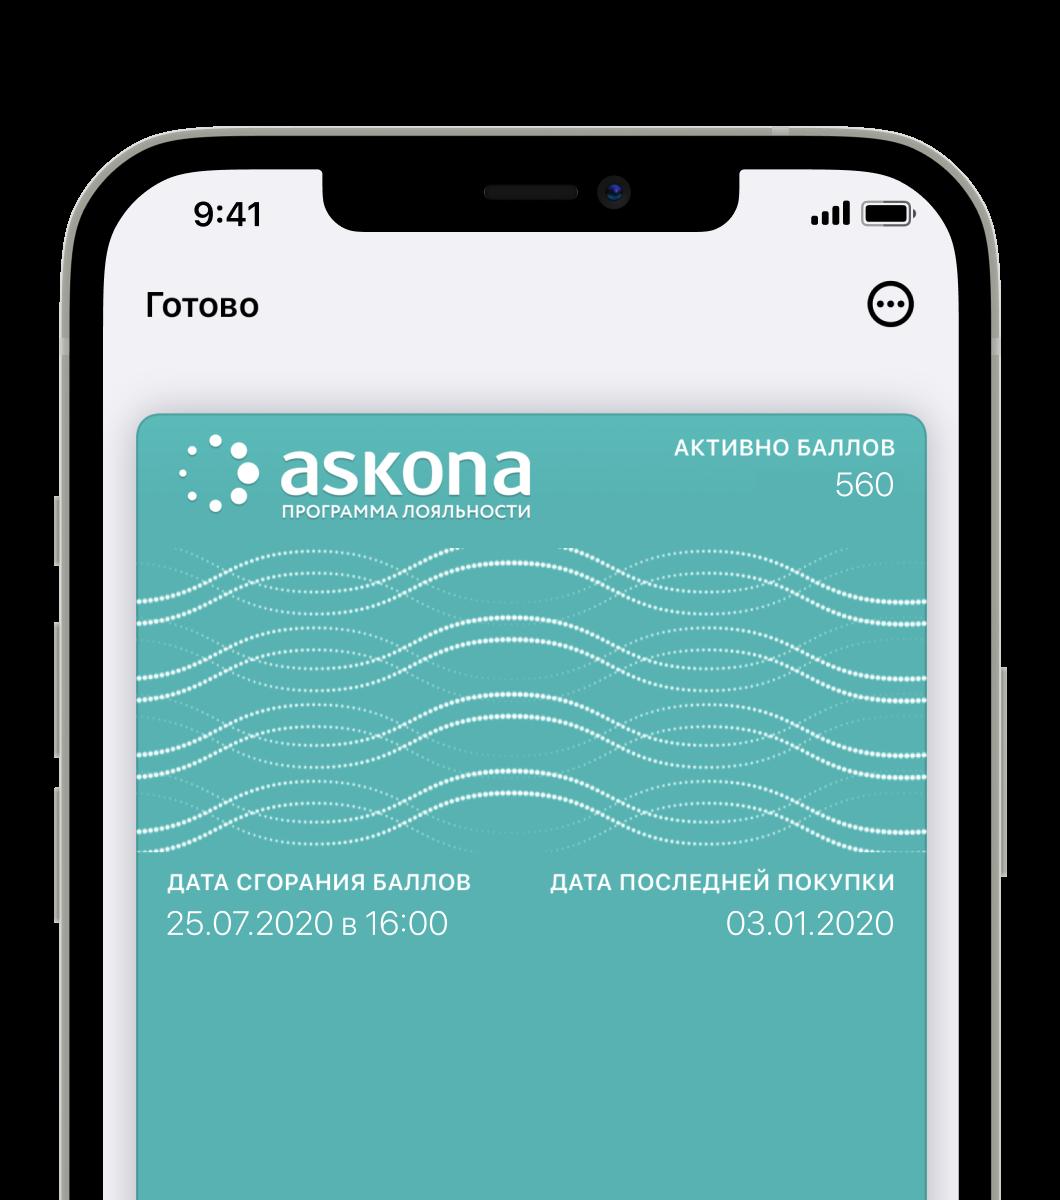 Электронная карта askona в apple wallet